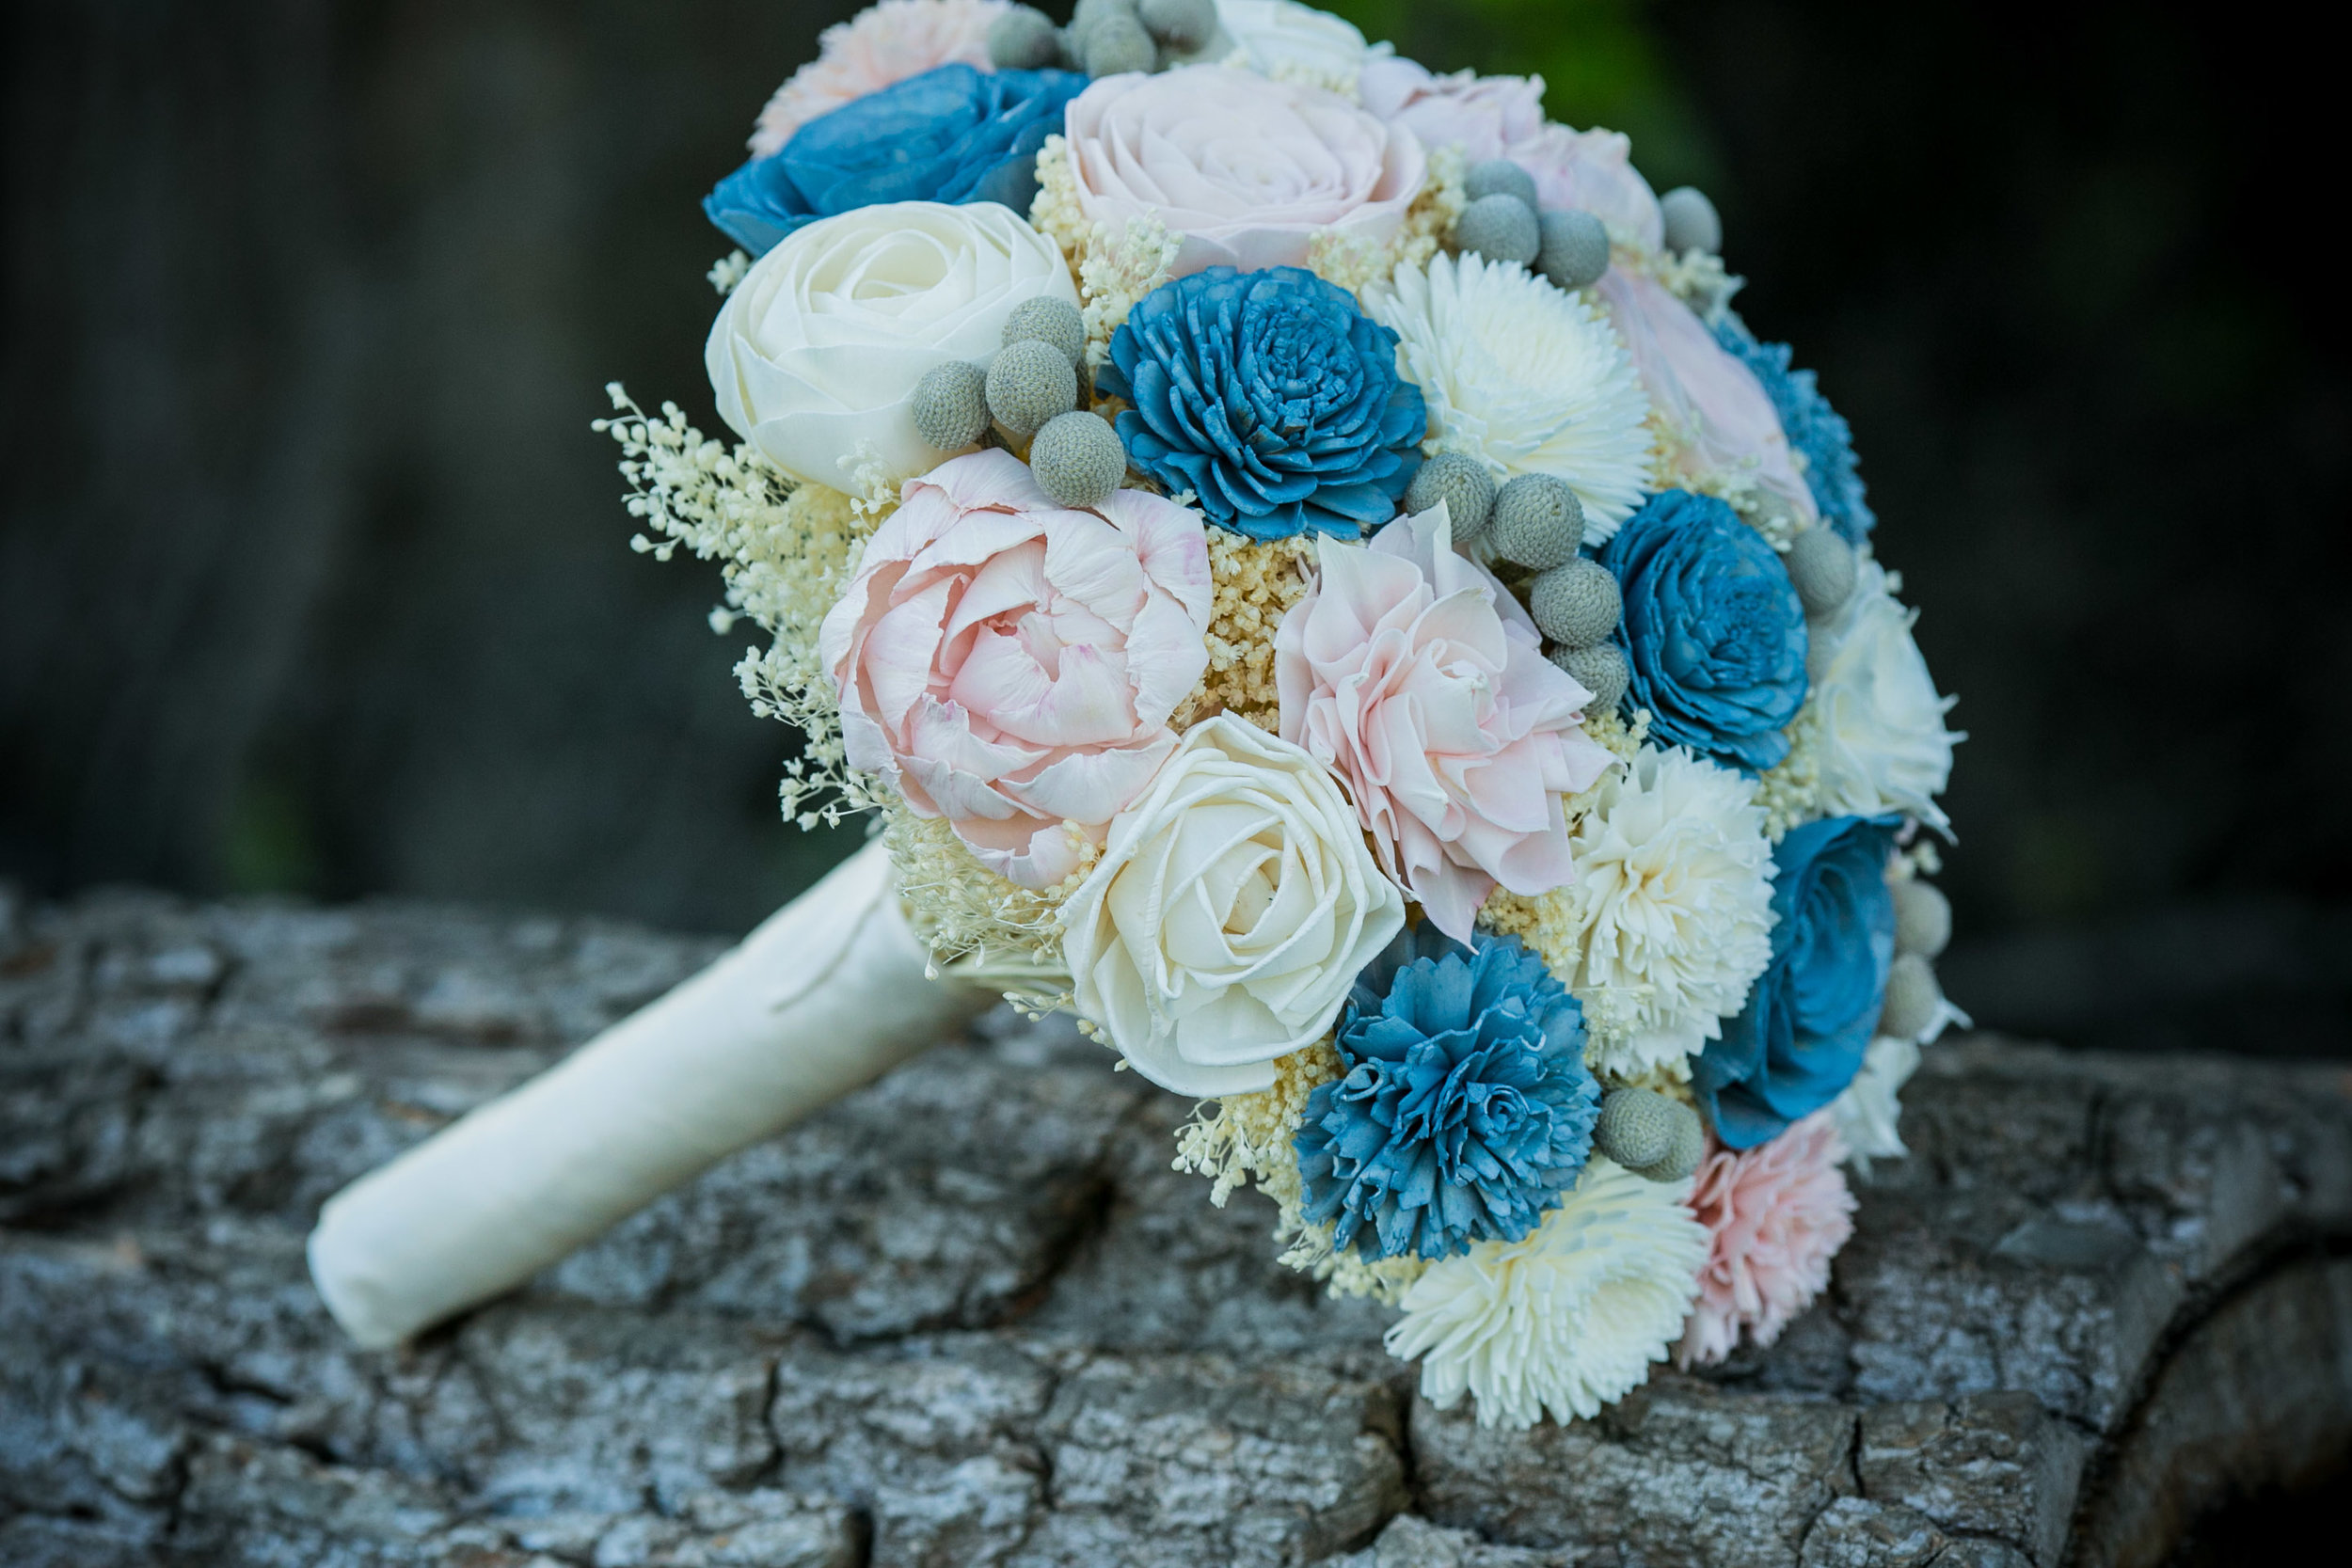 brides flowers detail shot